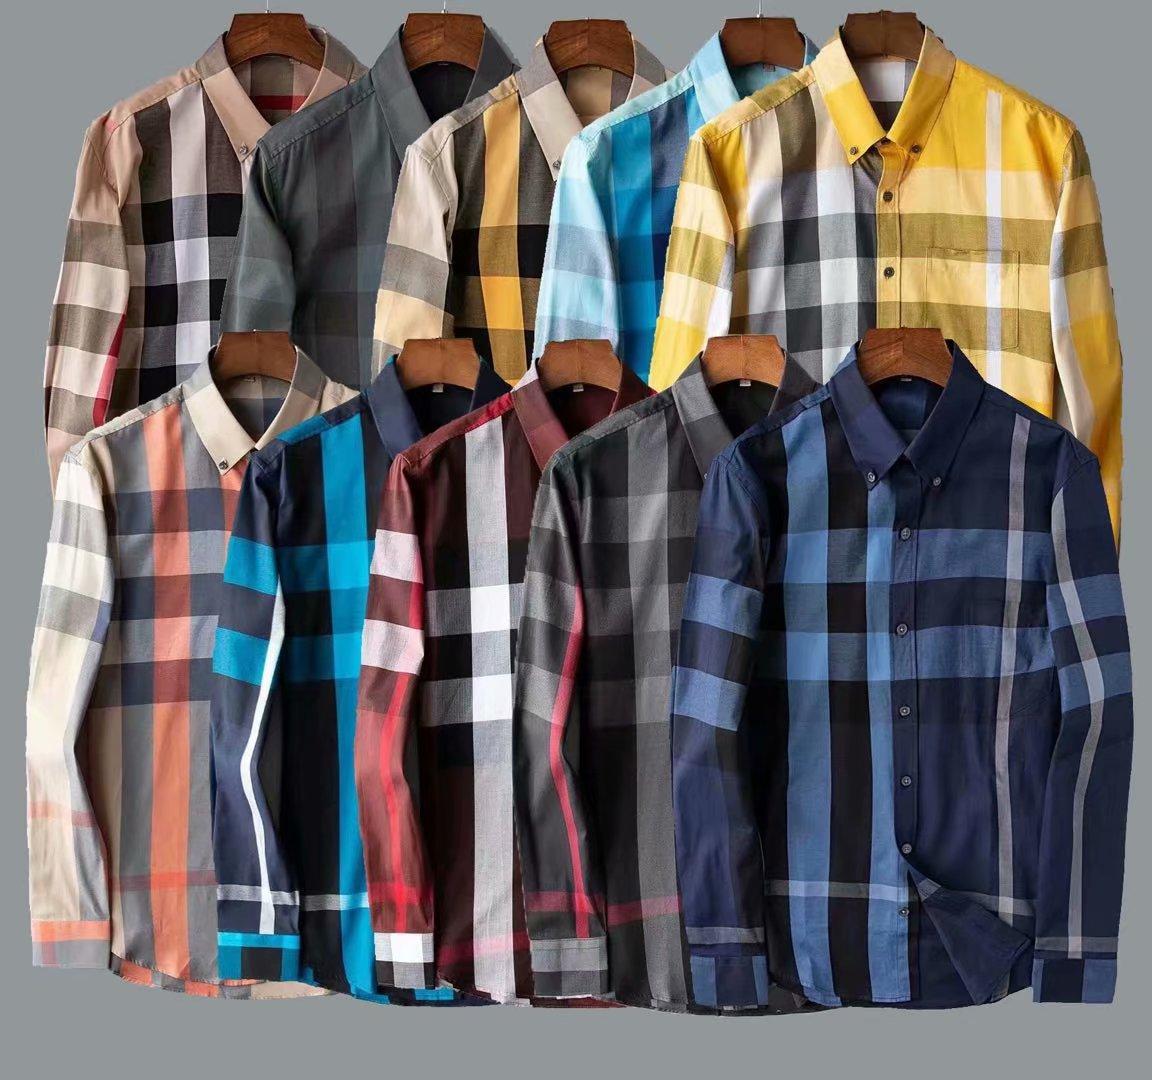 Wholesale- 2020 Spring Autumn Cotton Shirt Men's Floral Print Shirt Plus Size Long Sleeve Men Vintage Shirts 20SS High Quality Chemise Homme